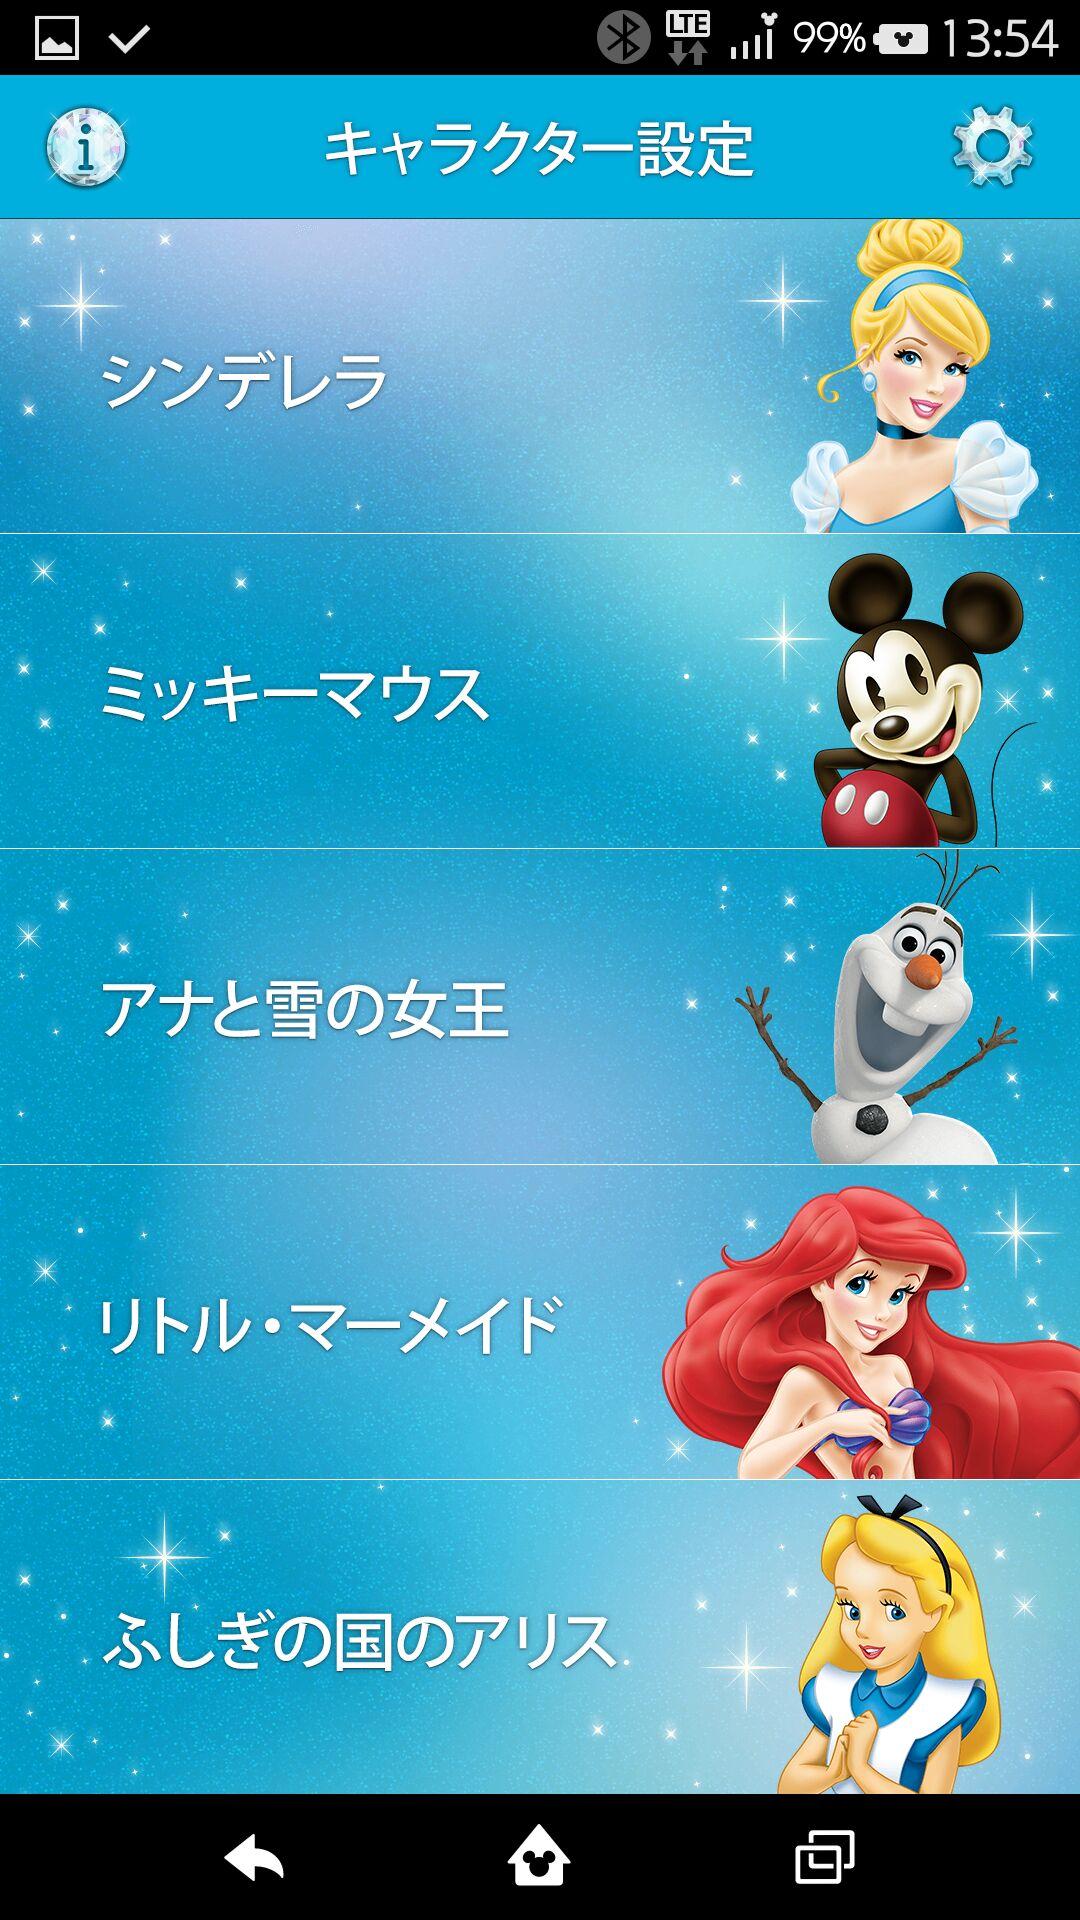 今回設定できるディズニーキャラクターはこの5つ。シンデレラがなかなか。